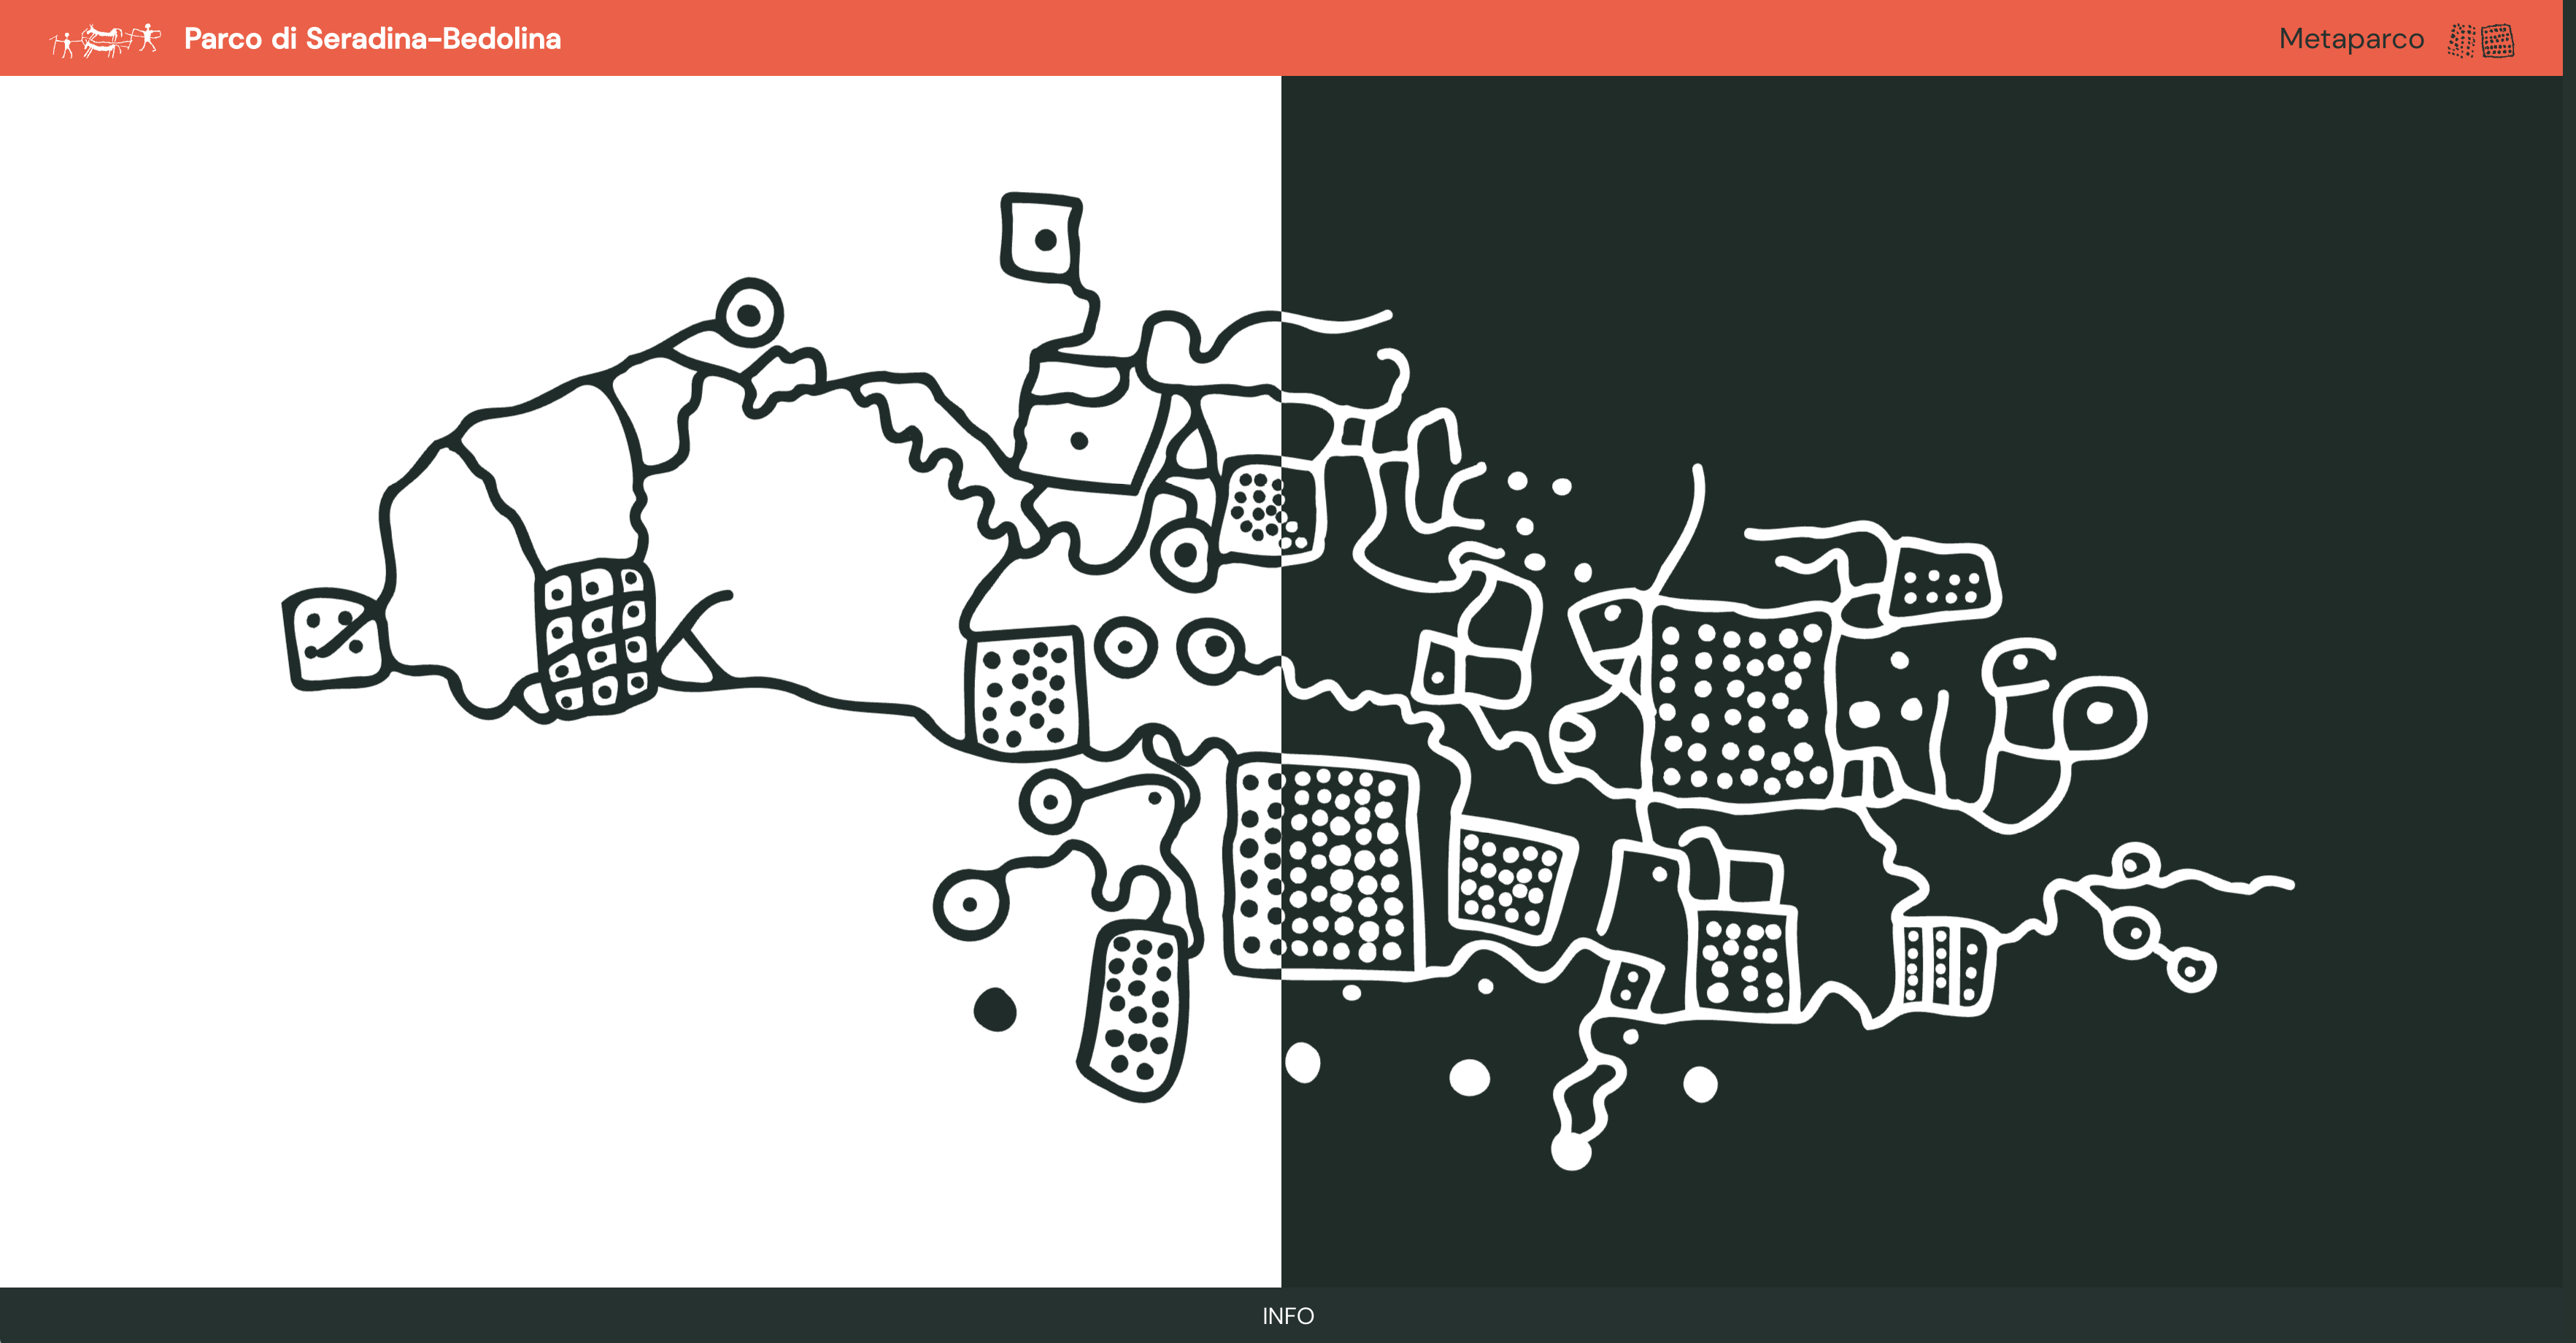 l'homepage del nuovo sito del metaparco di seradina-bedolina